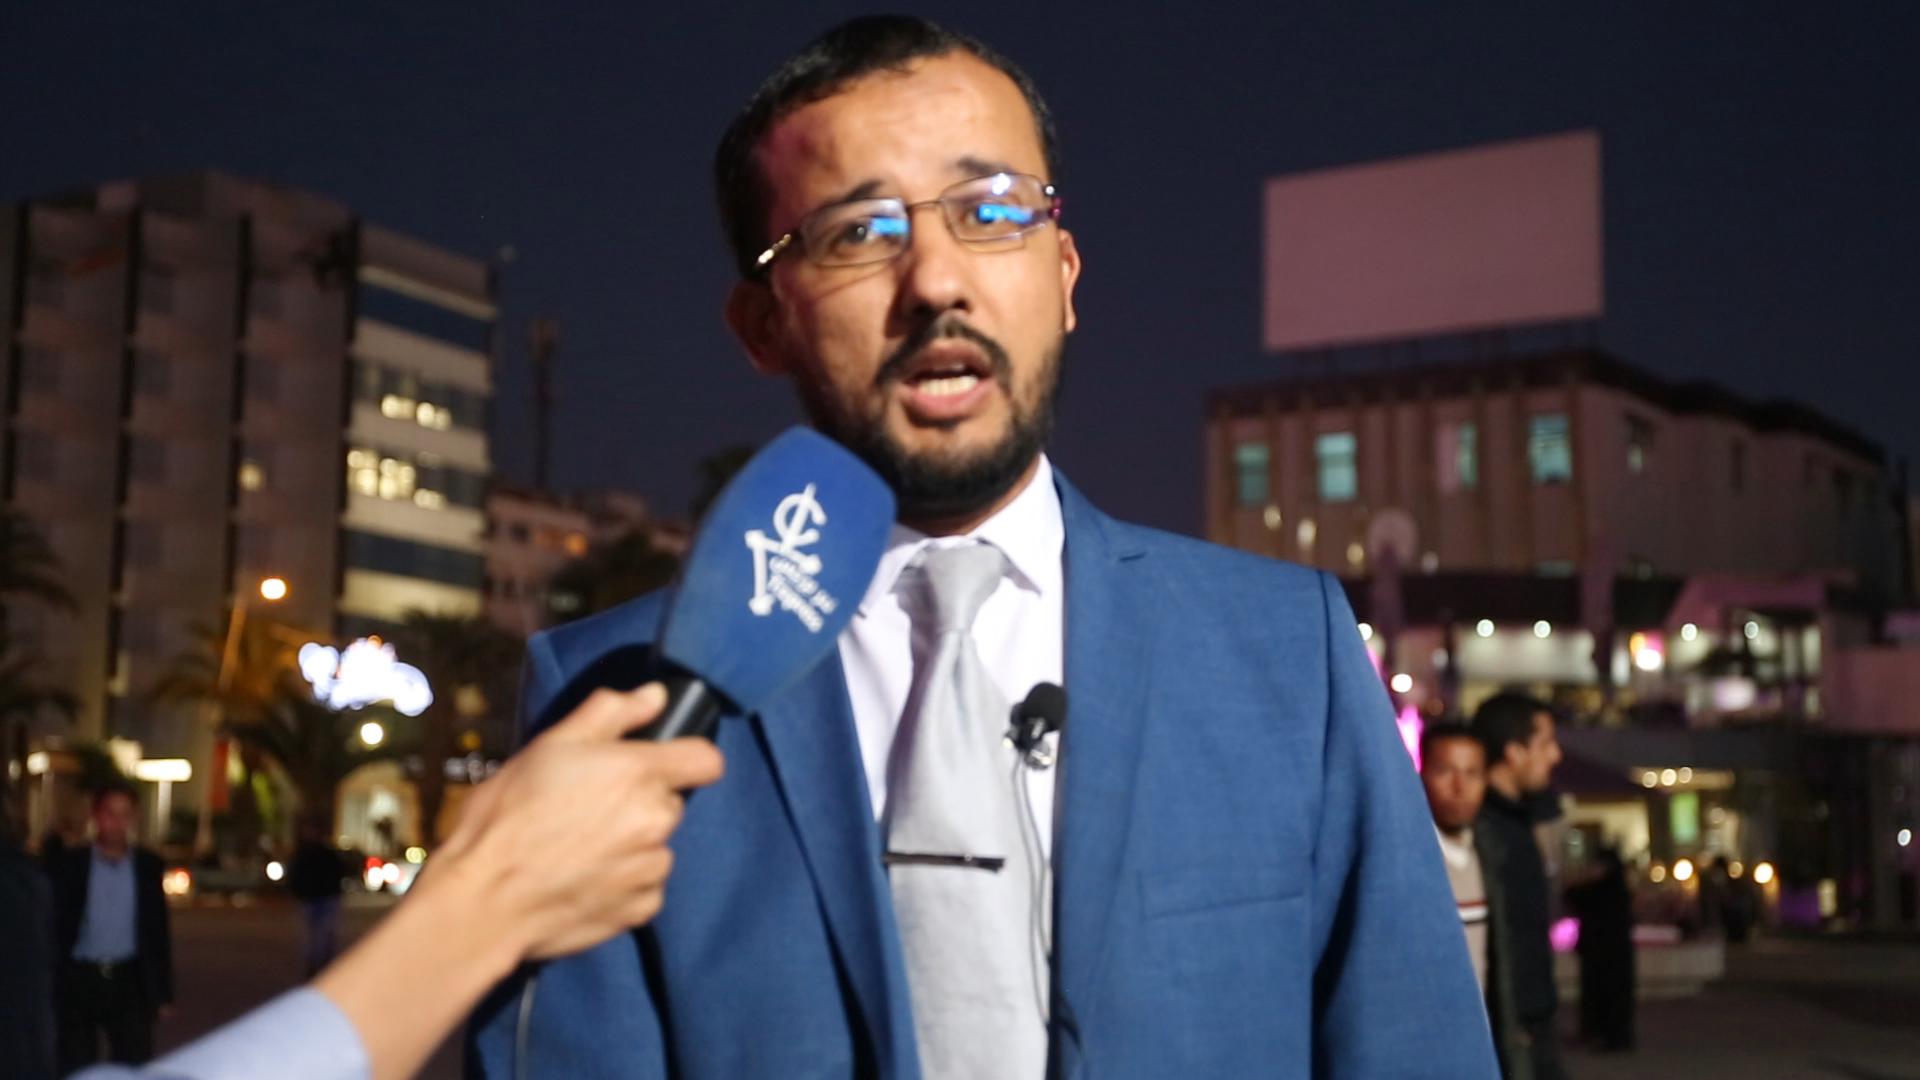 """فيديو: تصريح """" الحسين الفرواح """" على هامش الندوة الصحفية  لــ""""أيام إقليم تيزنيت بأكادير"""""""